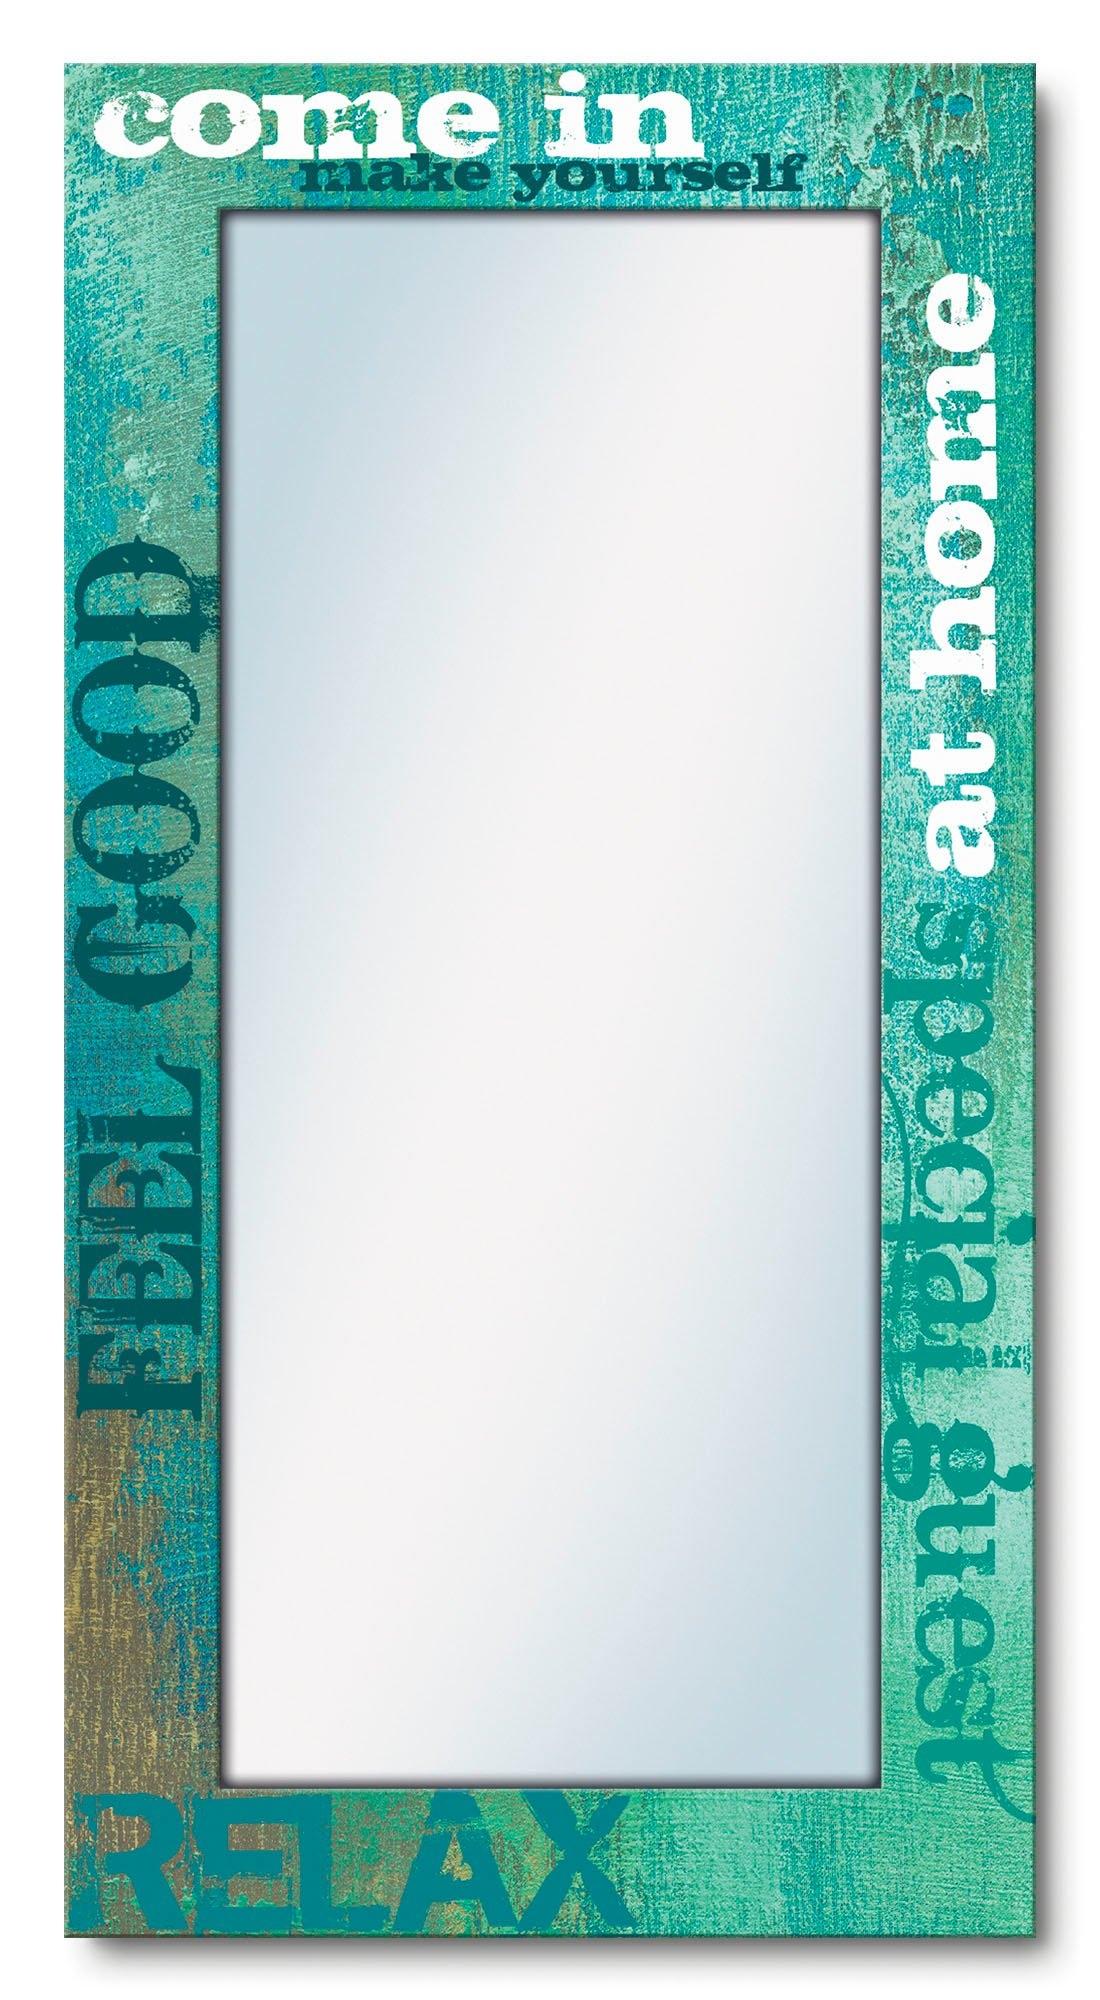 Artland wandspiegel Binnen ingelijste spiegel voor het hele lichaam met motiefrand, geschikt voor kleine, smalle hal, halspiegel, mirror spiegel omrand om op te hangen - gratis ruilen op otto.nl